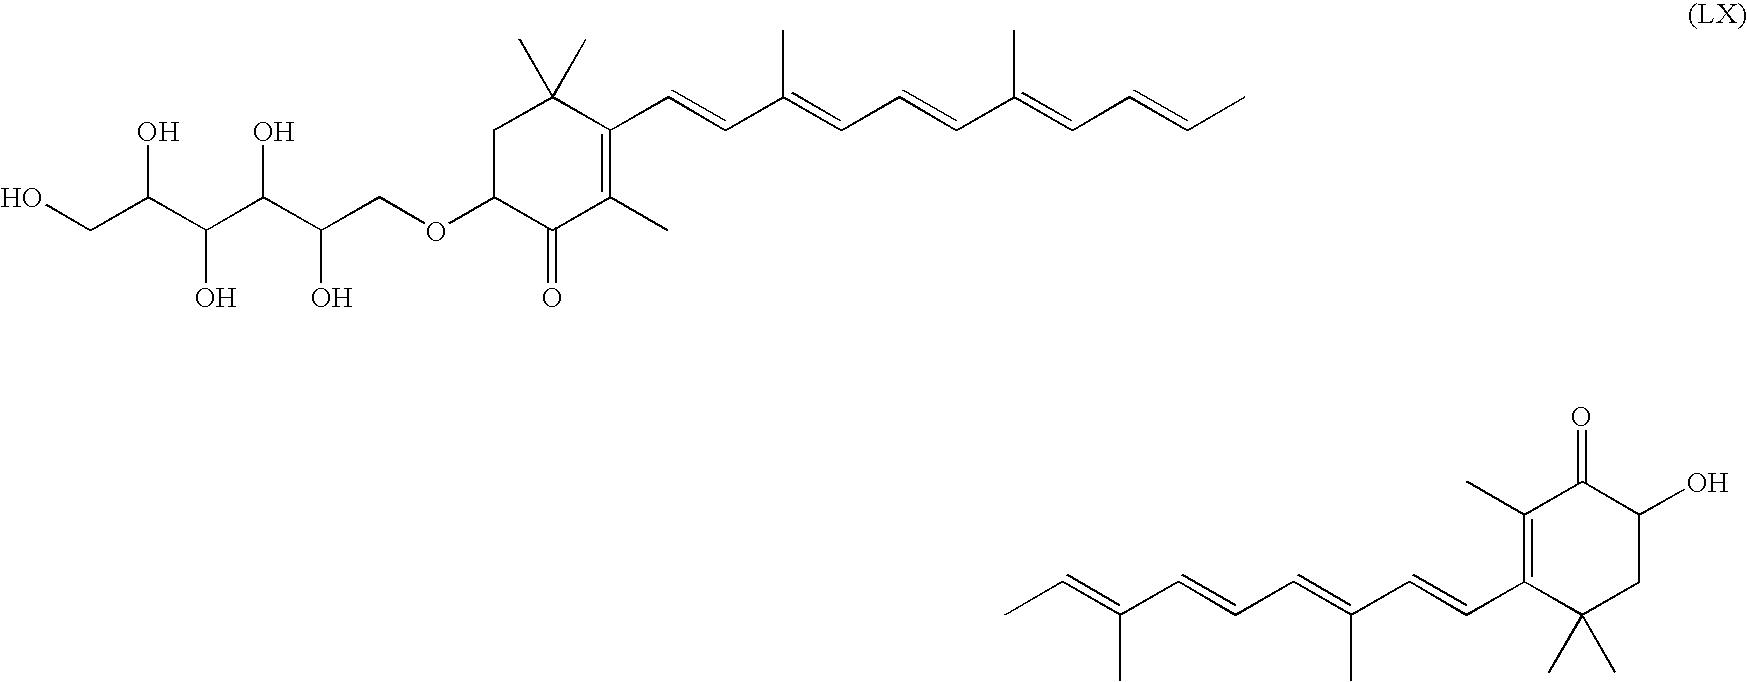 Figure US07145025-20061205-C00071